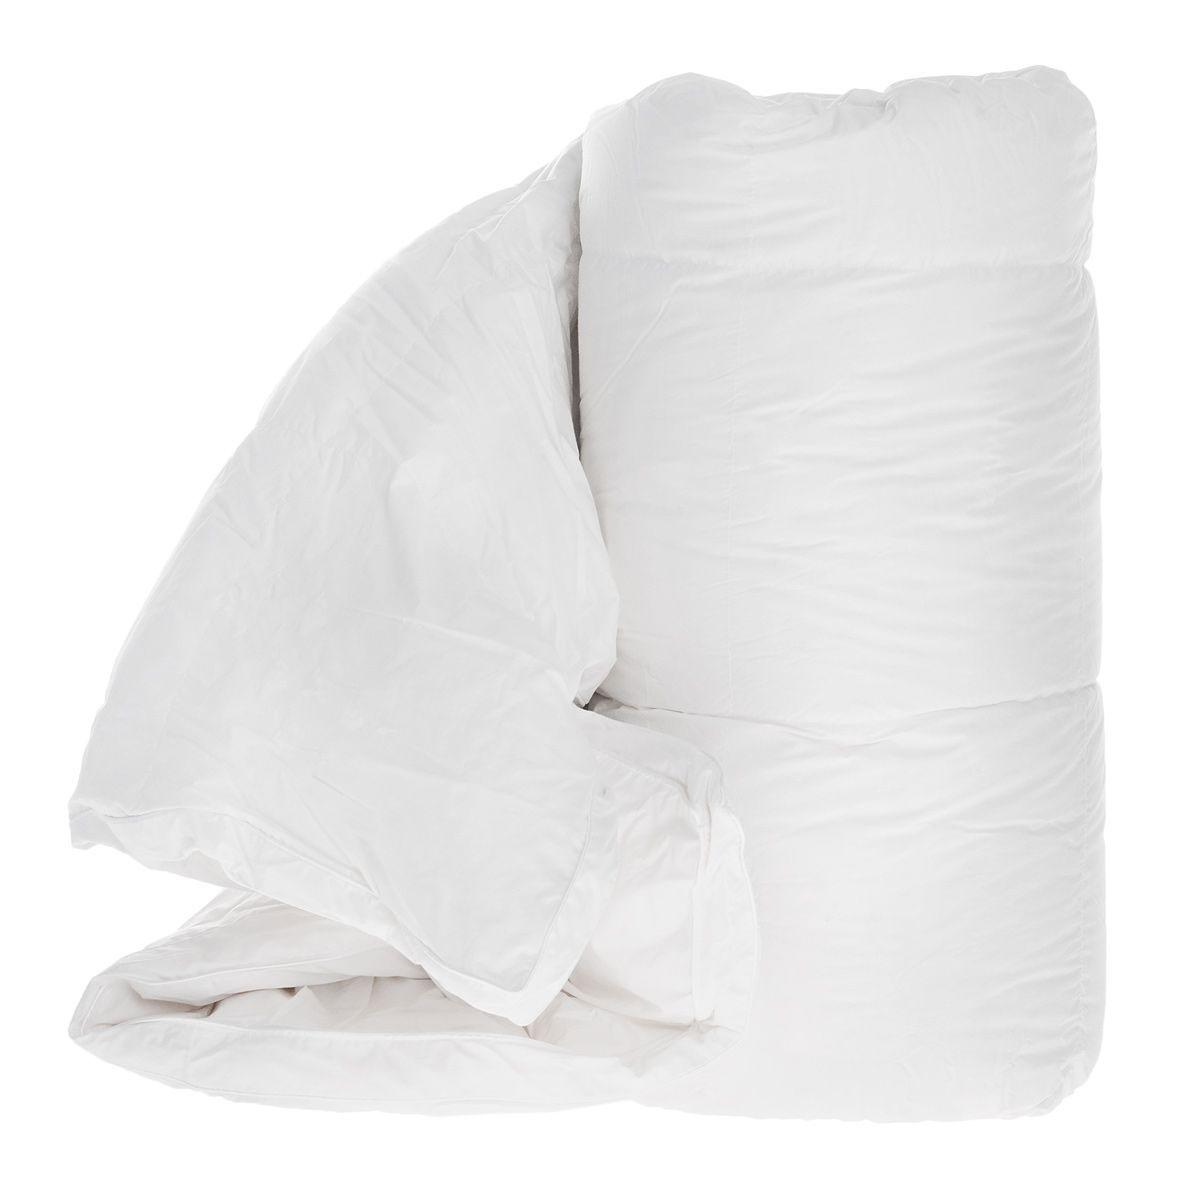 Одеяло TAC Shiny, наполнитель: гусинные пух и перья, 155 x 215 см9911-38844Одеяло TAC Shiny обеспечит вам здоровый сон и комфорт. Чехол выполнен из 100% натурального хлопка и оформлен фигурной стежкой. В качестве наполнителя используется 95% специальный гусиный пух. Наполнитель равномерно распределен внутри чехла. Край одеяла декорирован узором из страз.Гусиный пух сохраняет температуру в 2,5 раза лучше, чем другие наполнители. Специальная обработка пуха препятствует появлению бактерий в одеяле. Ваше одеяло прослужит долго, а его изысканный внешний вид будет годами дарить вам уют. Одеяло упаковано в сумку-чехол, закрывающуюся на застежку-молнию.